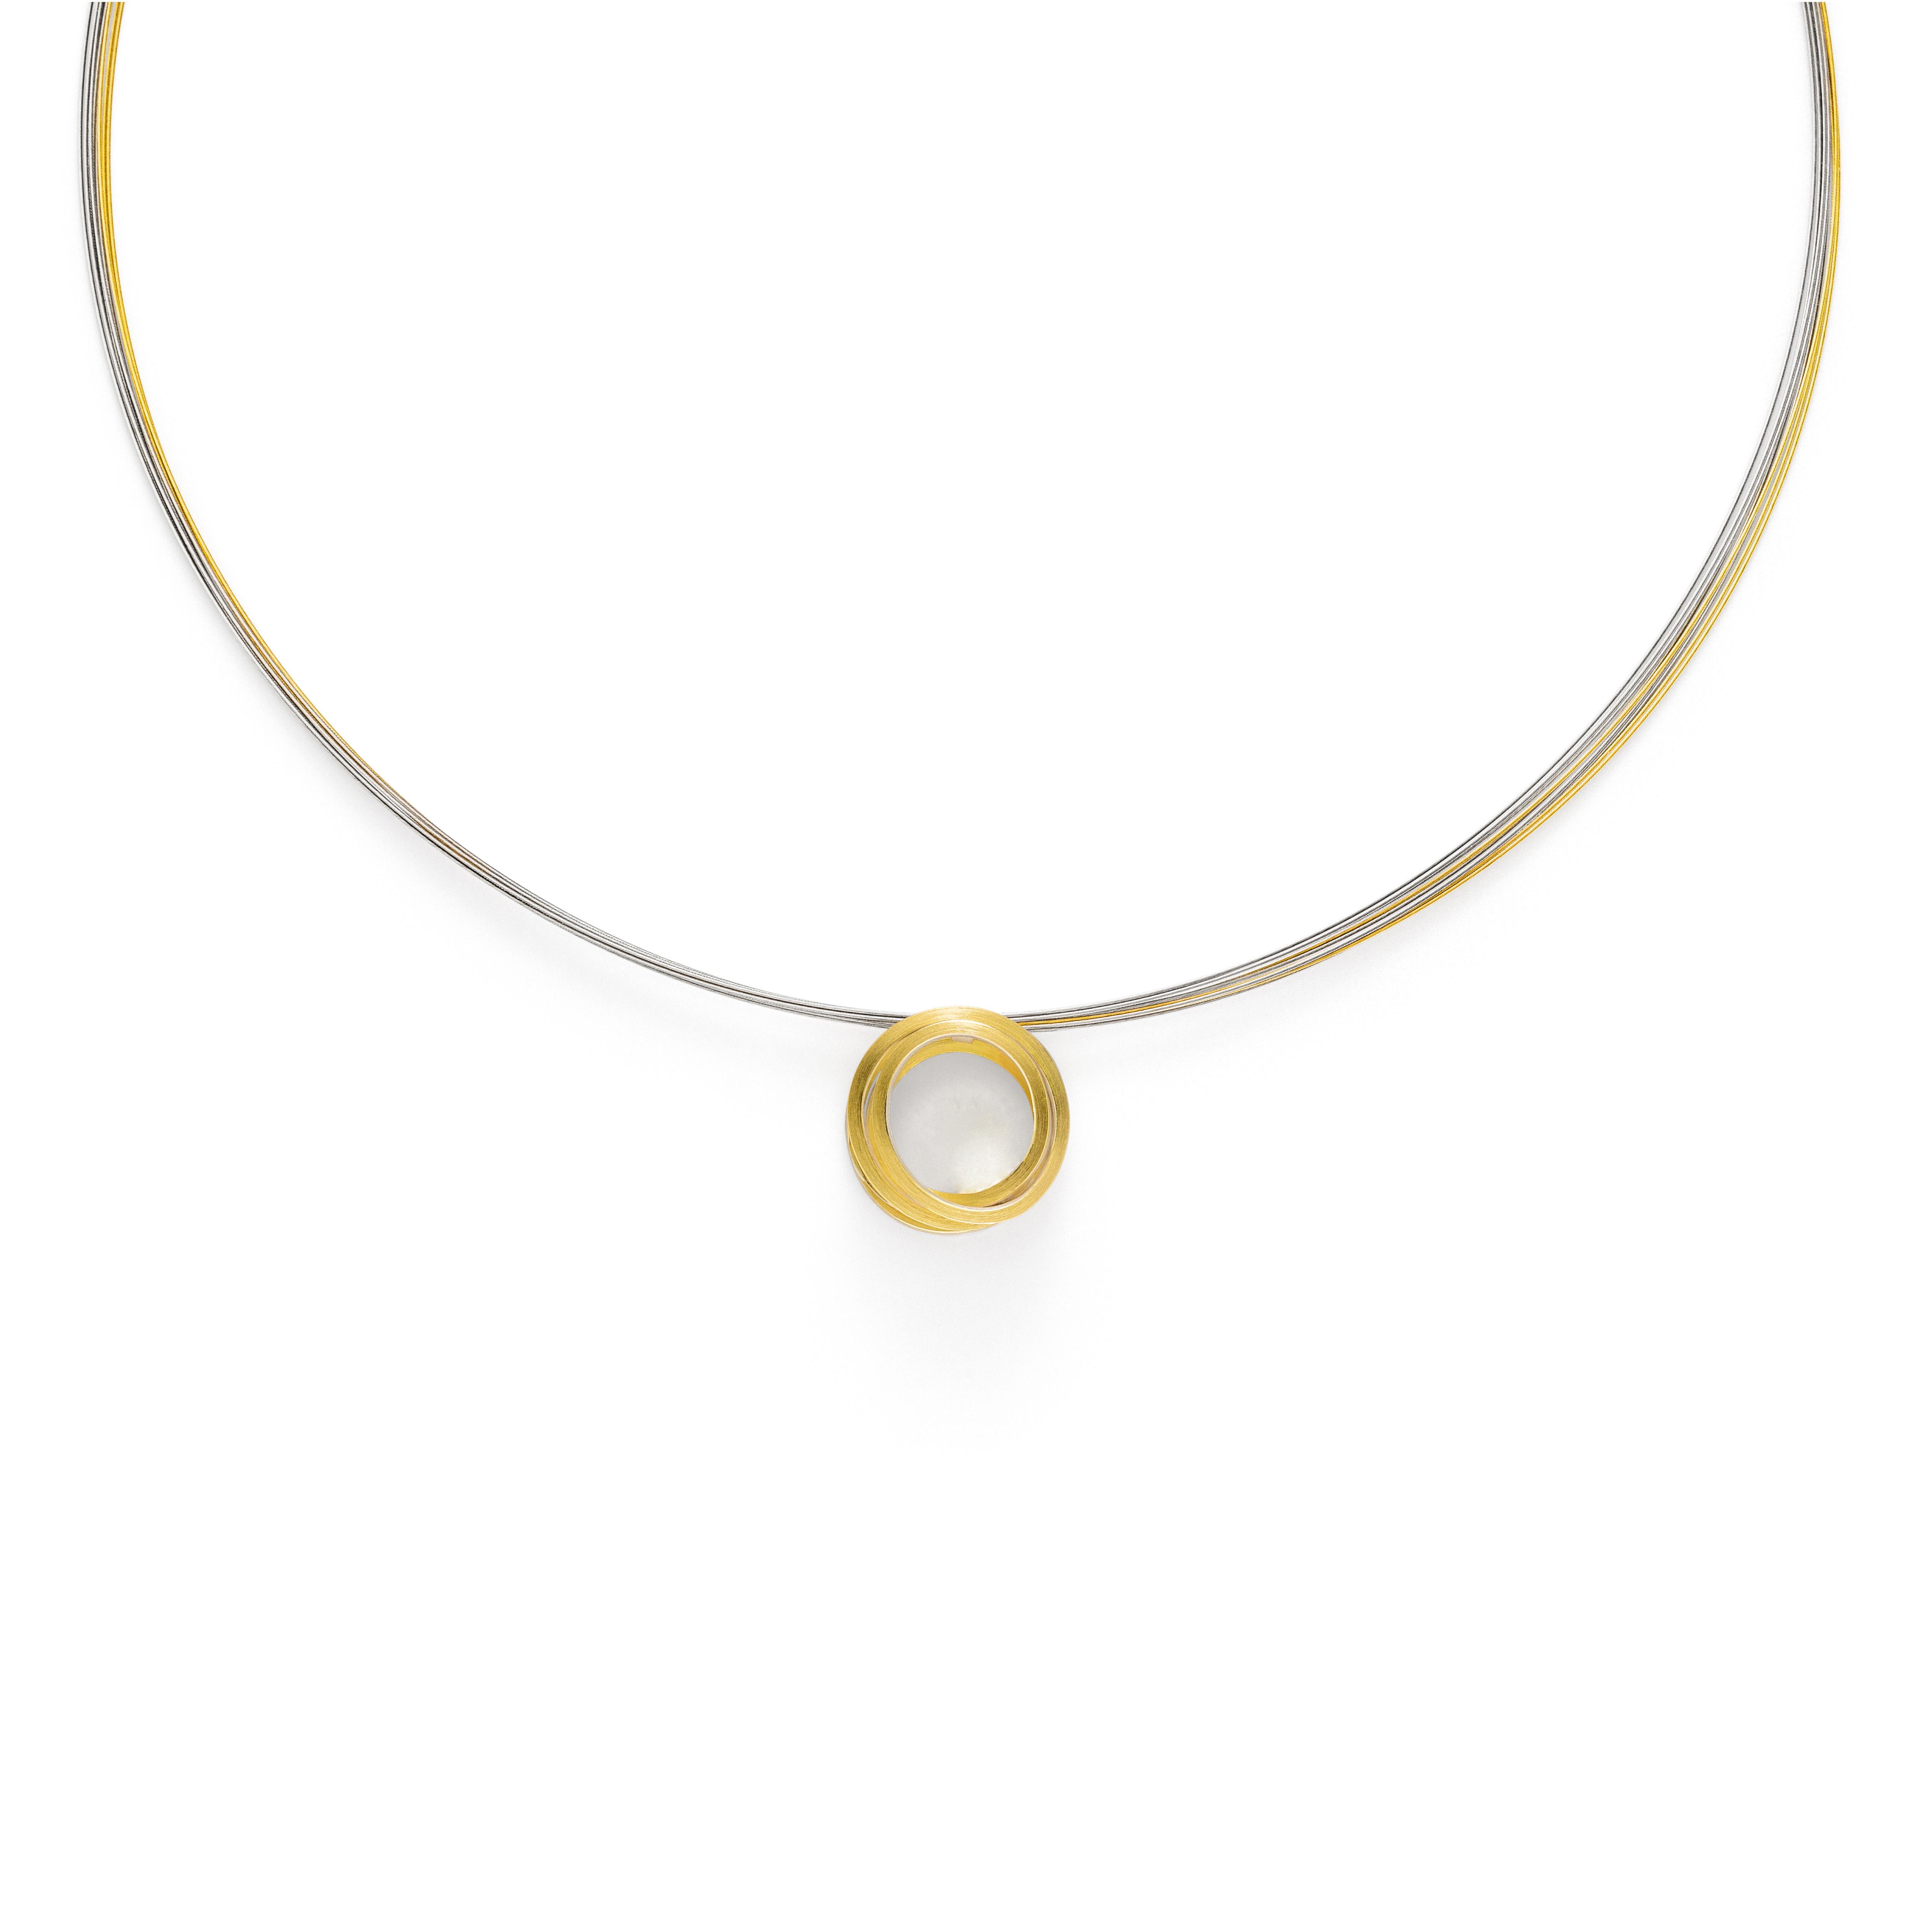 Manu Gold Layered Loop Necklace